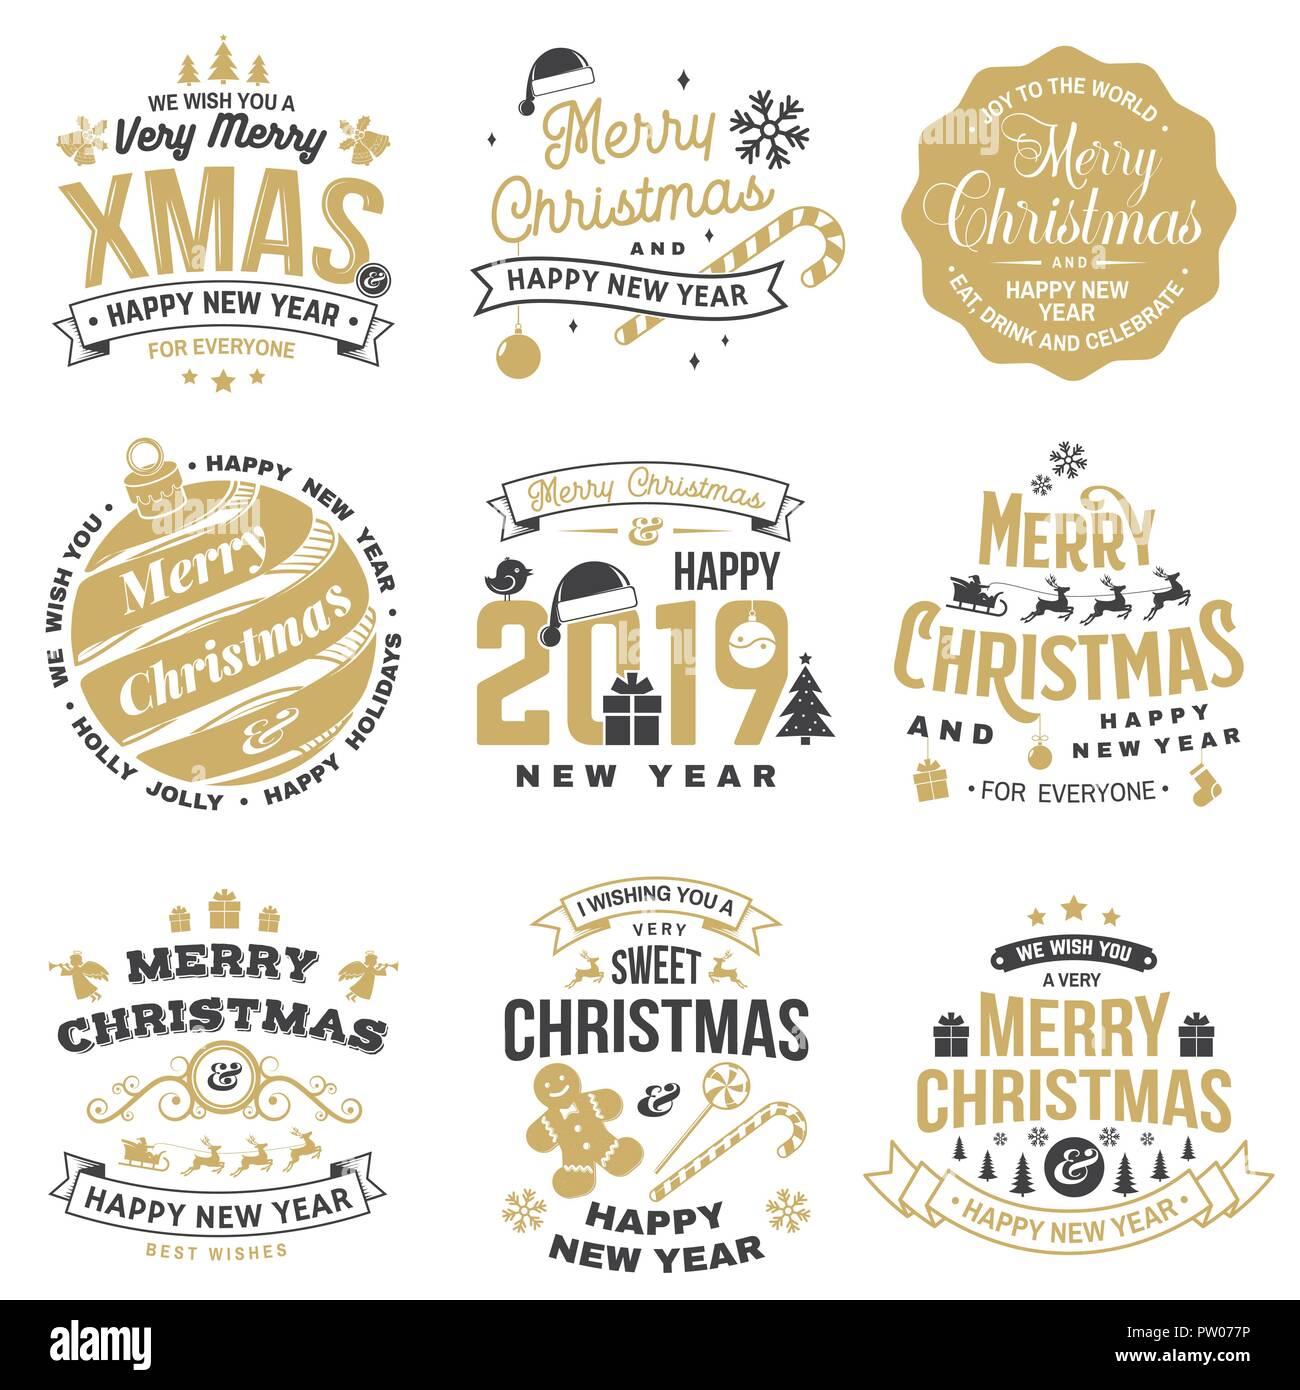 Juego De Feliz Navidad Y Feliz Ano Nuevo 2019 Sellos Adhesivos Con